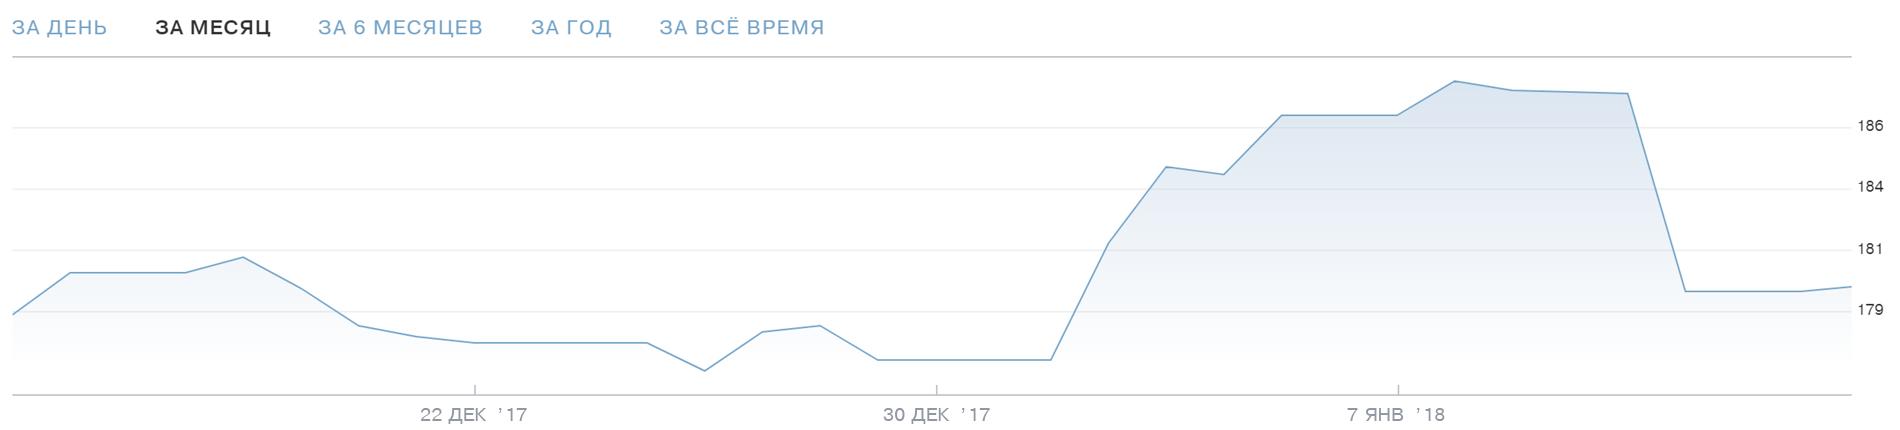 Акции Фейсбука. График — Тинькофф-инвестиции